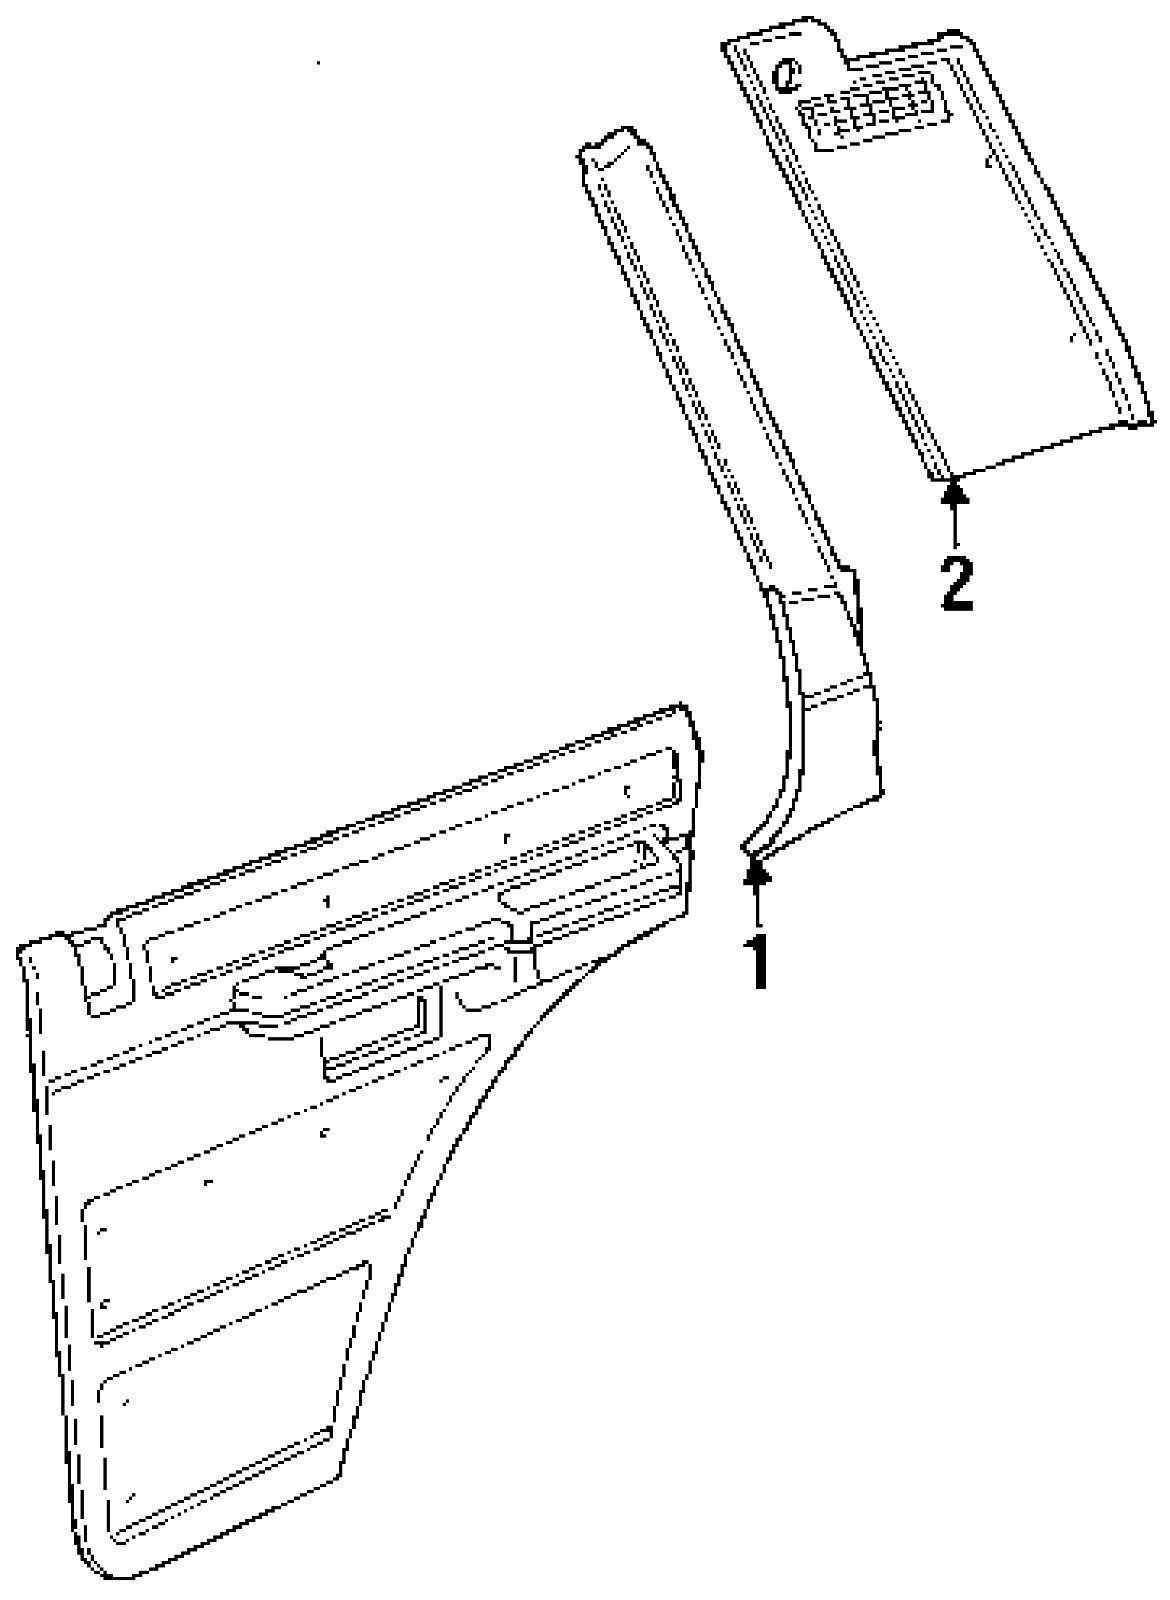 1993 1993 range rover rh passenger's side rear quarter trim panel oem